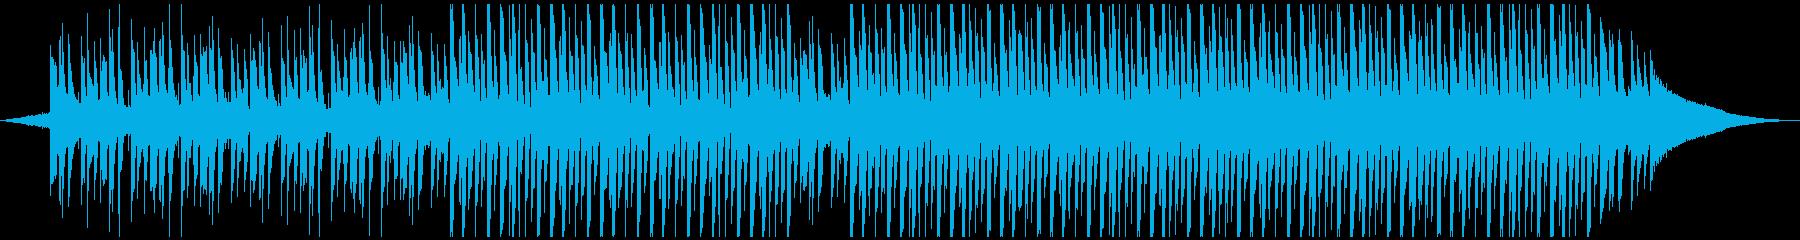 アップビートコーポレート(ショート)の再生済みの波形